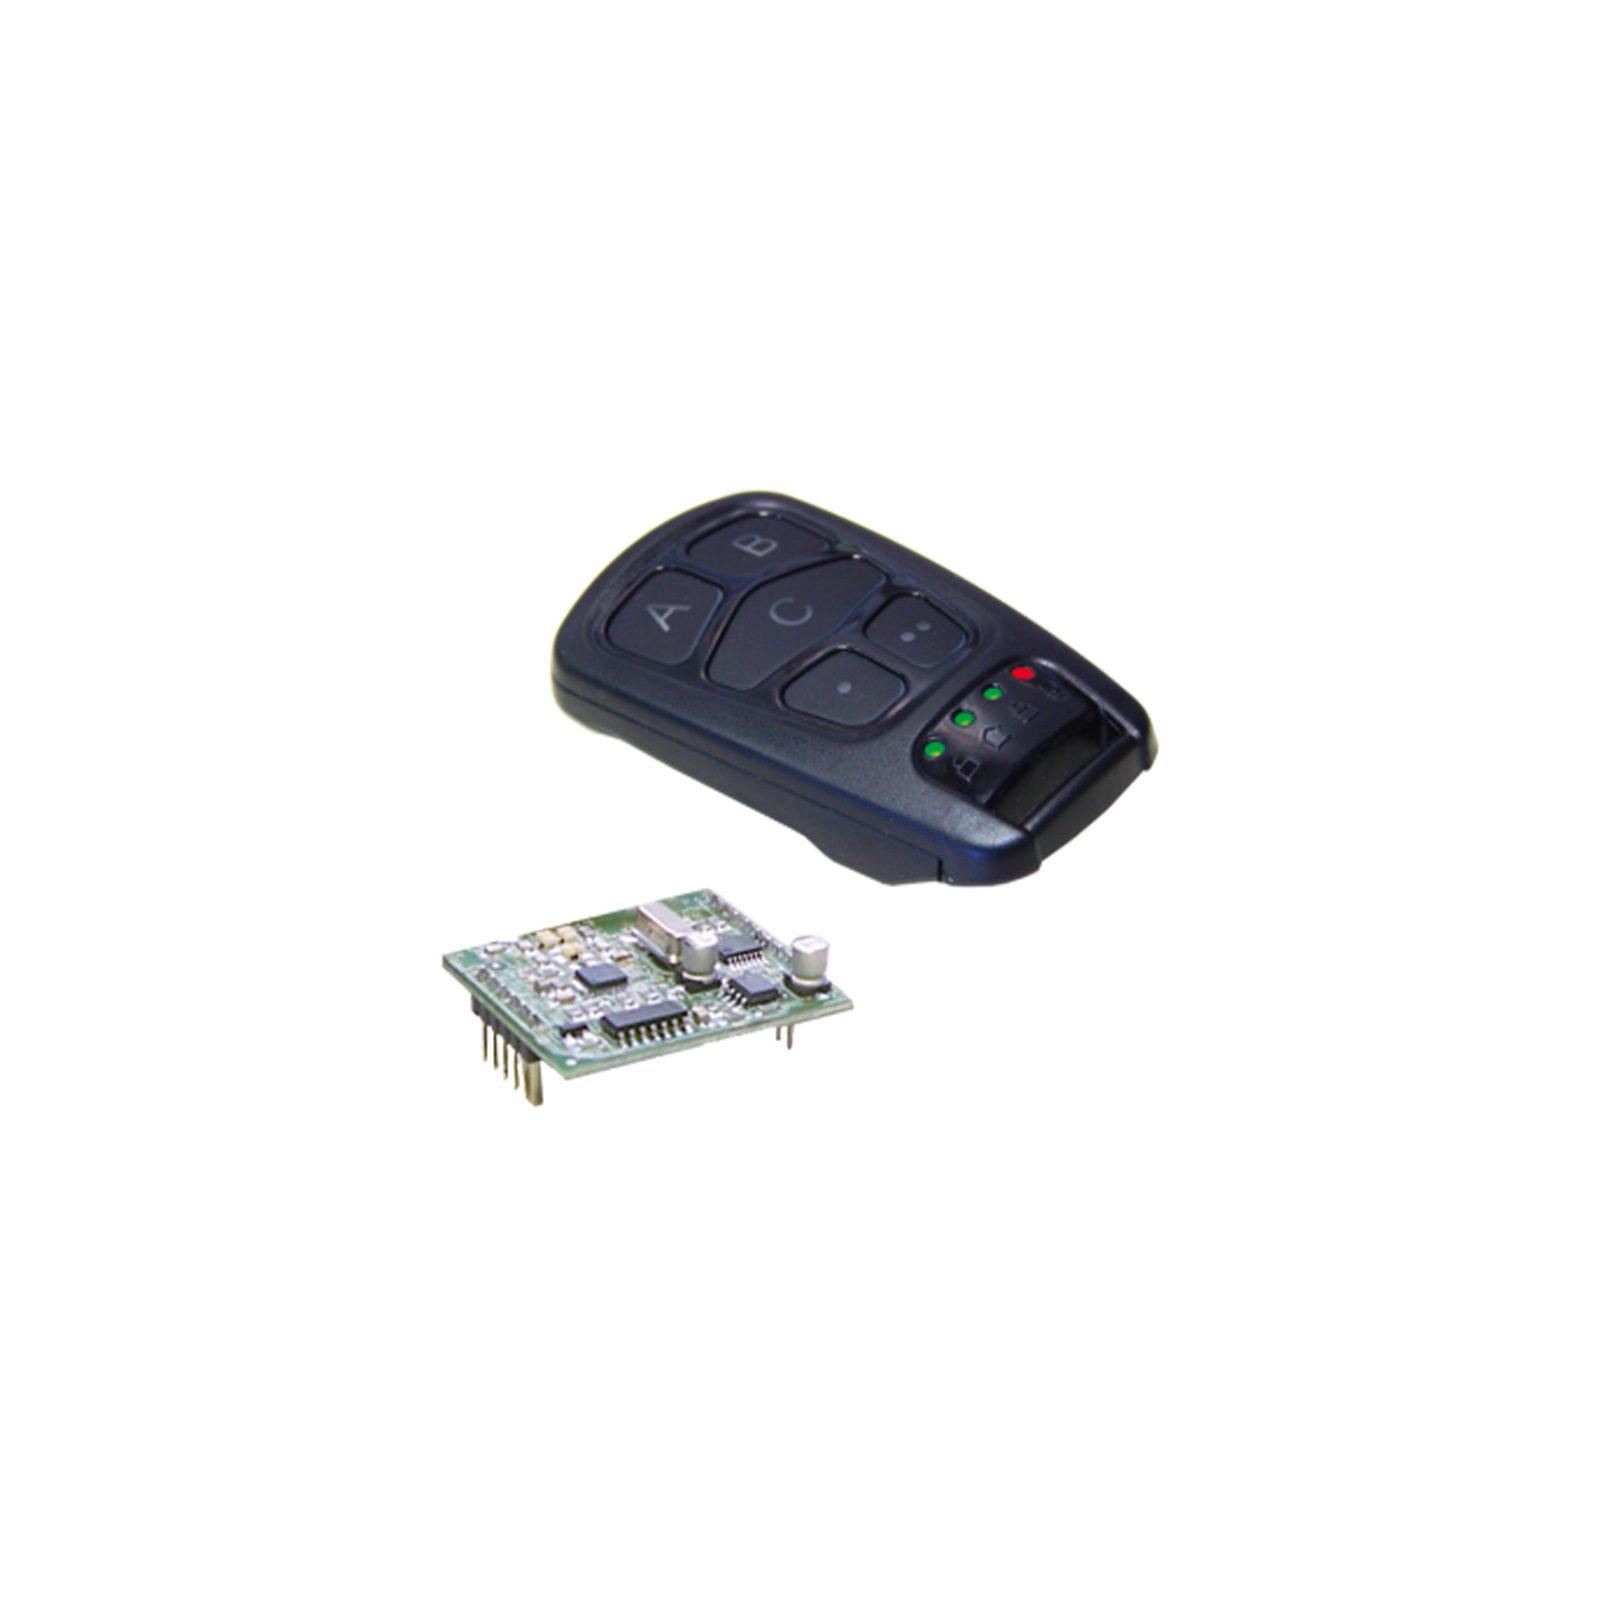 kit-antirapina-ricetrasmettitore-integrato-telecomando